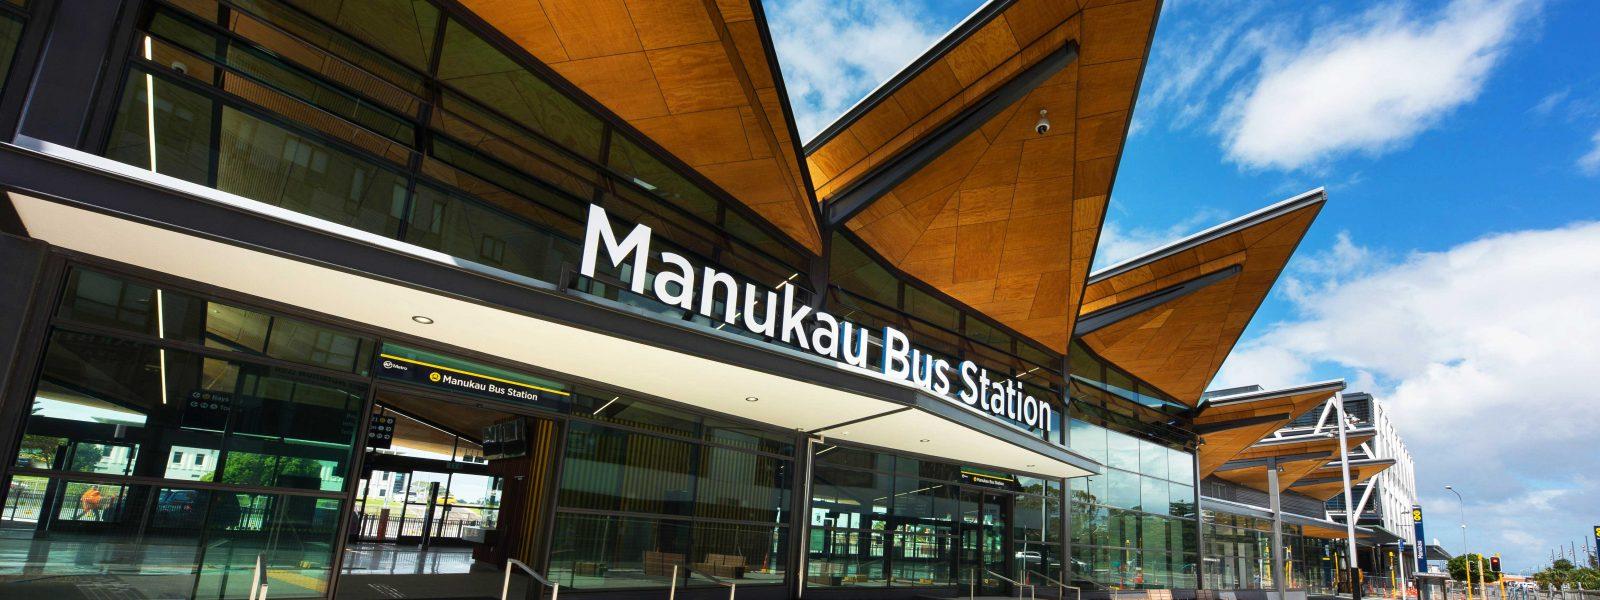 Manukau-bus-station-#8